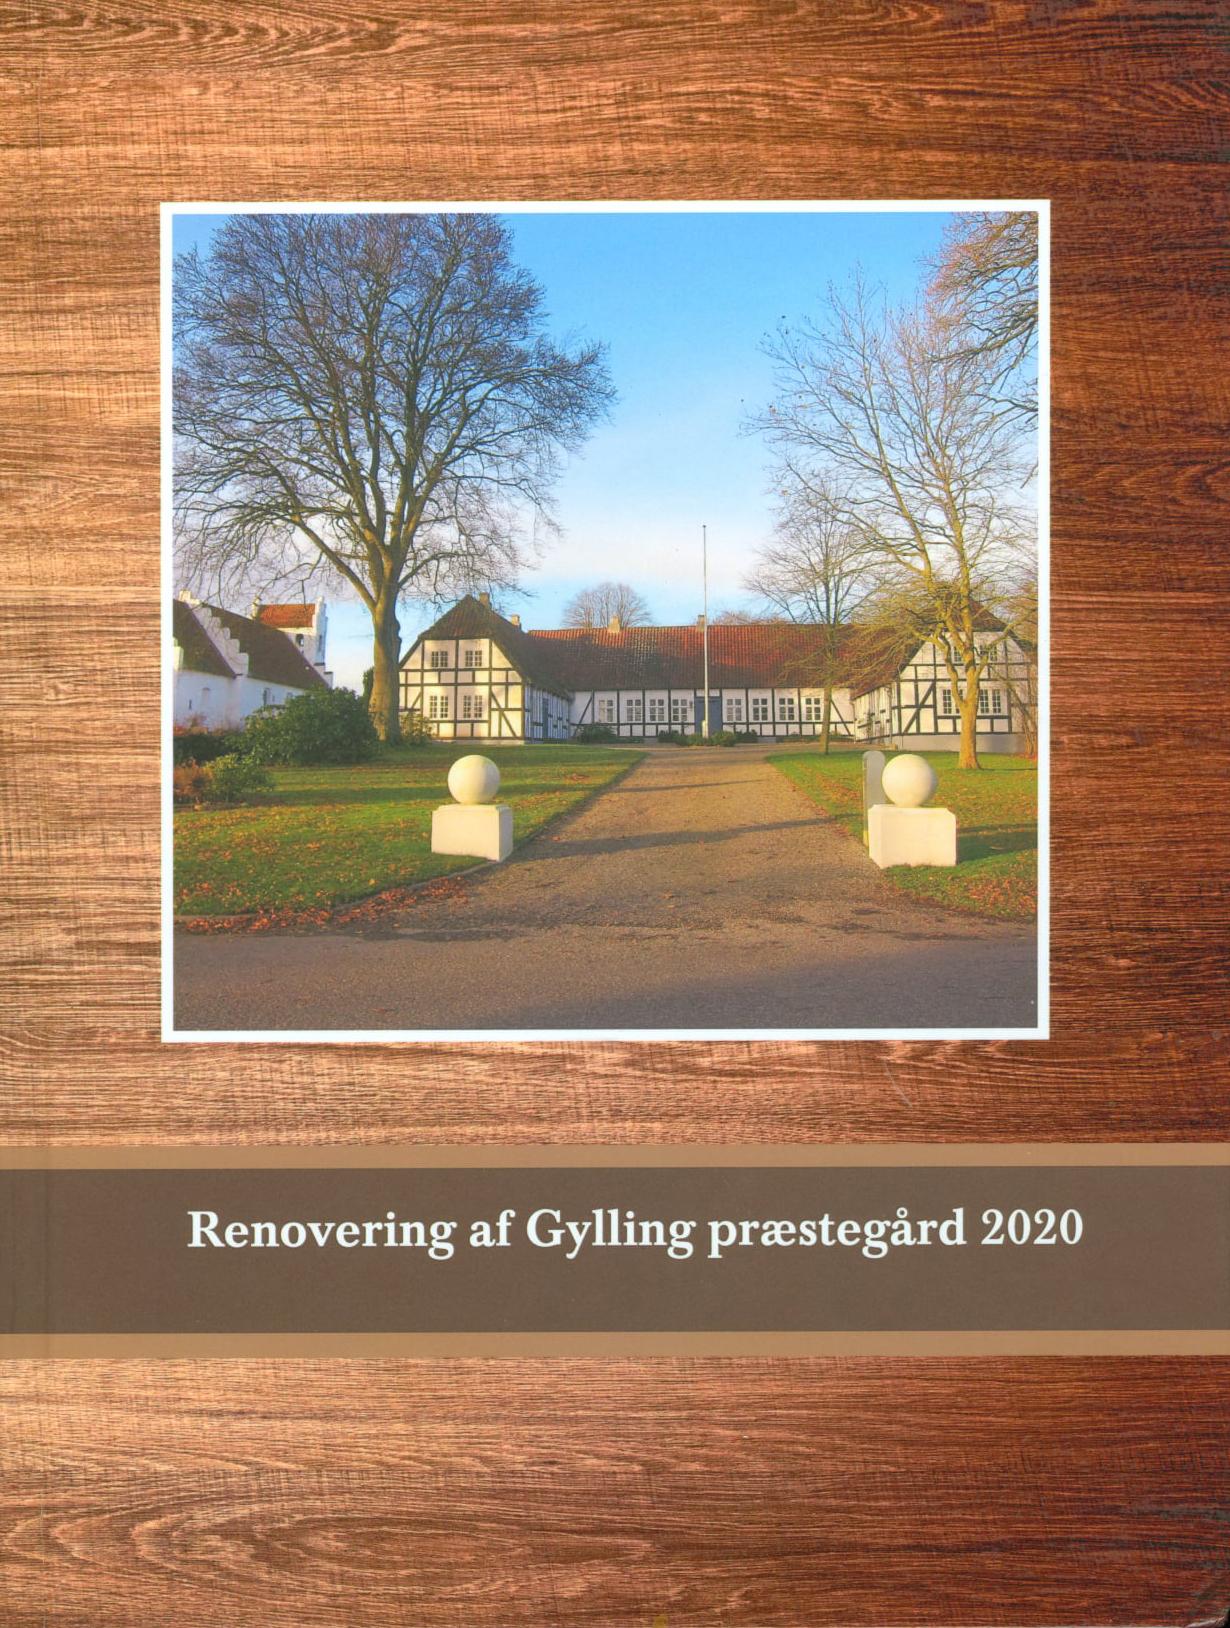 Renovering af Gylling præstegård 2020